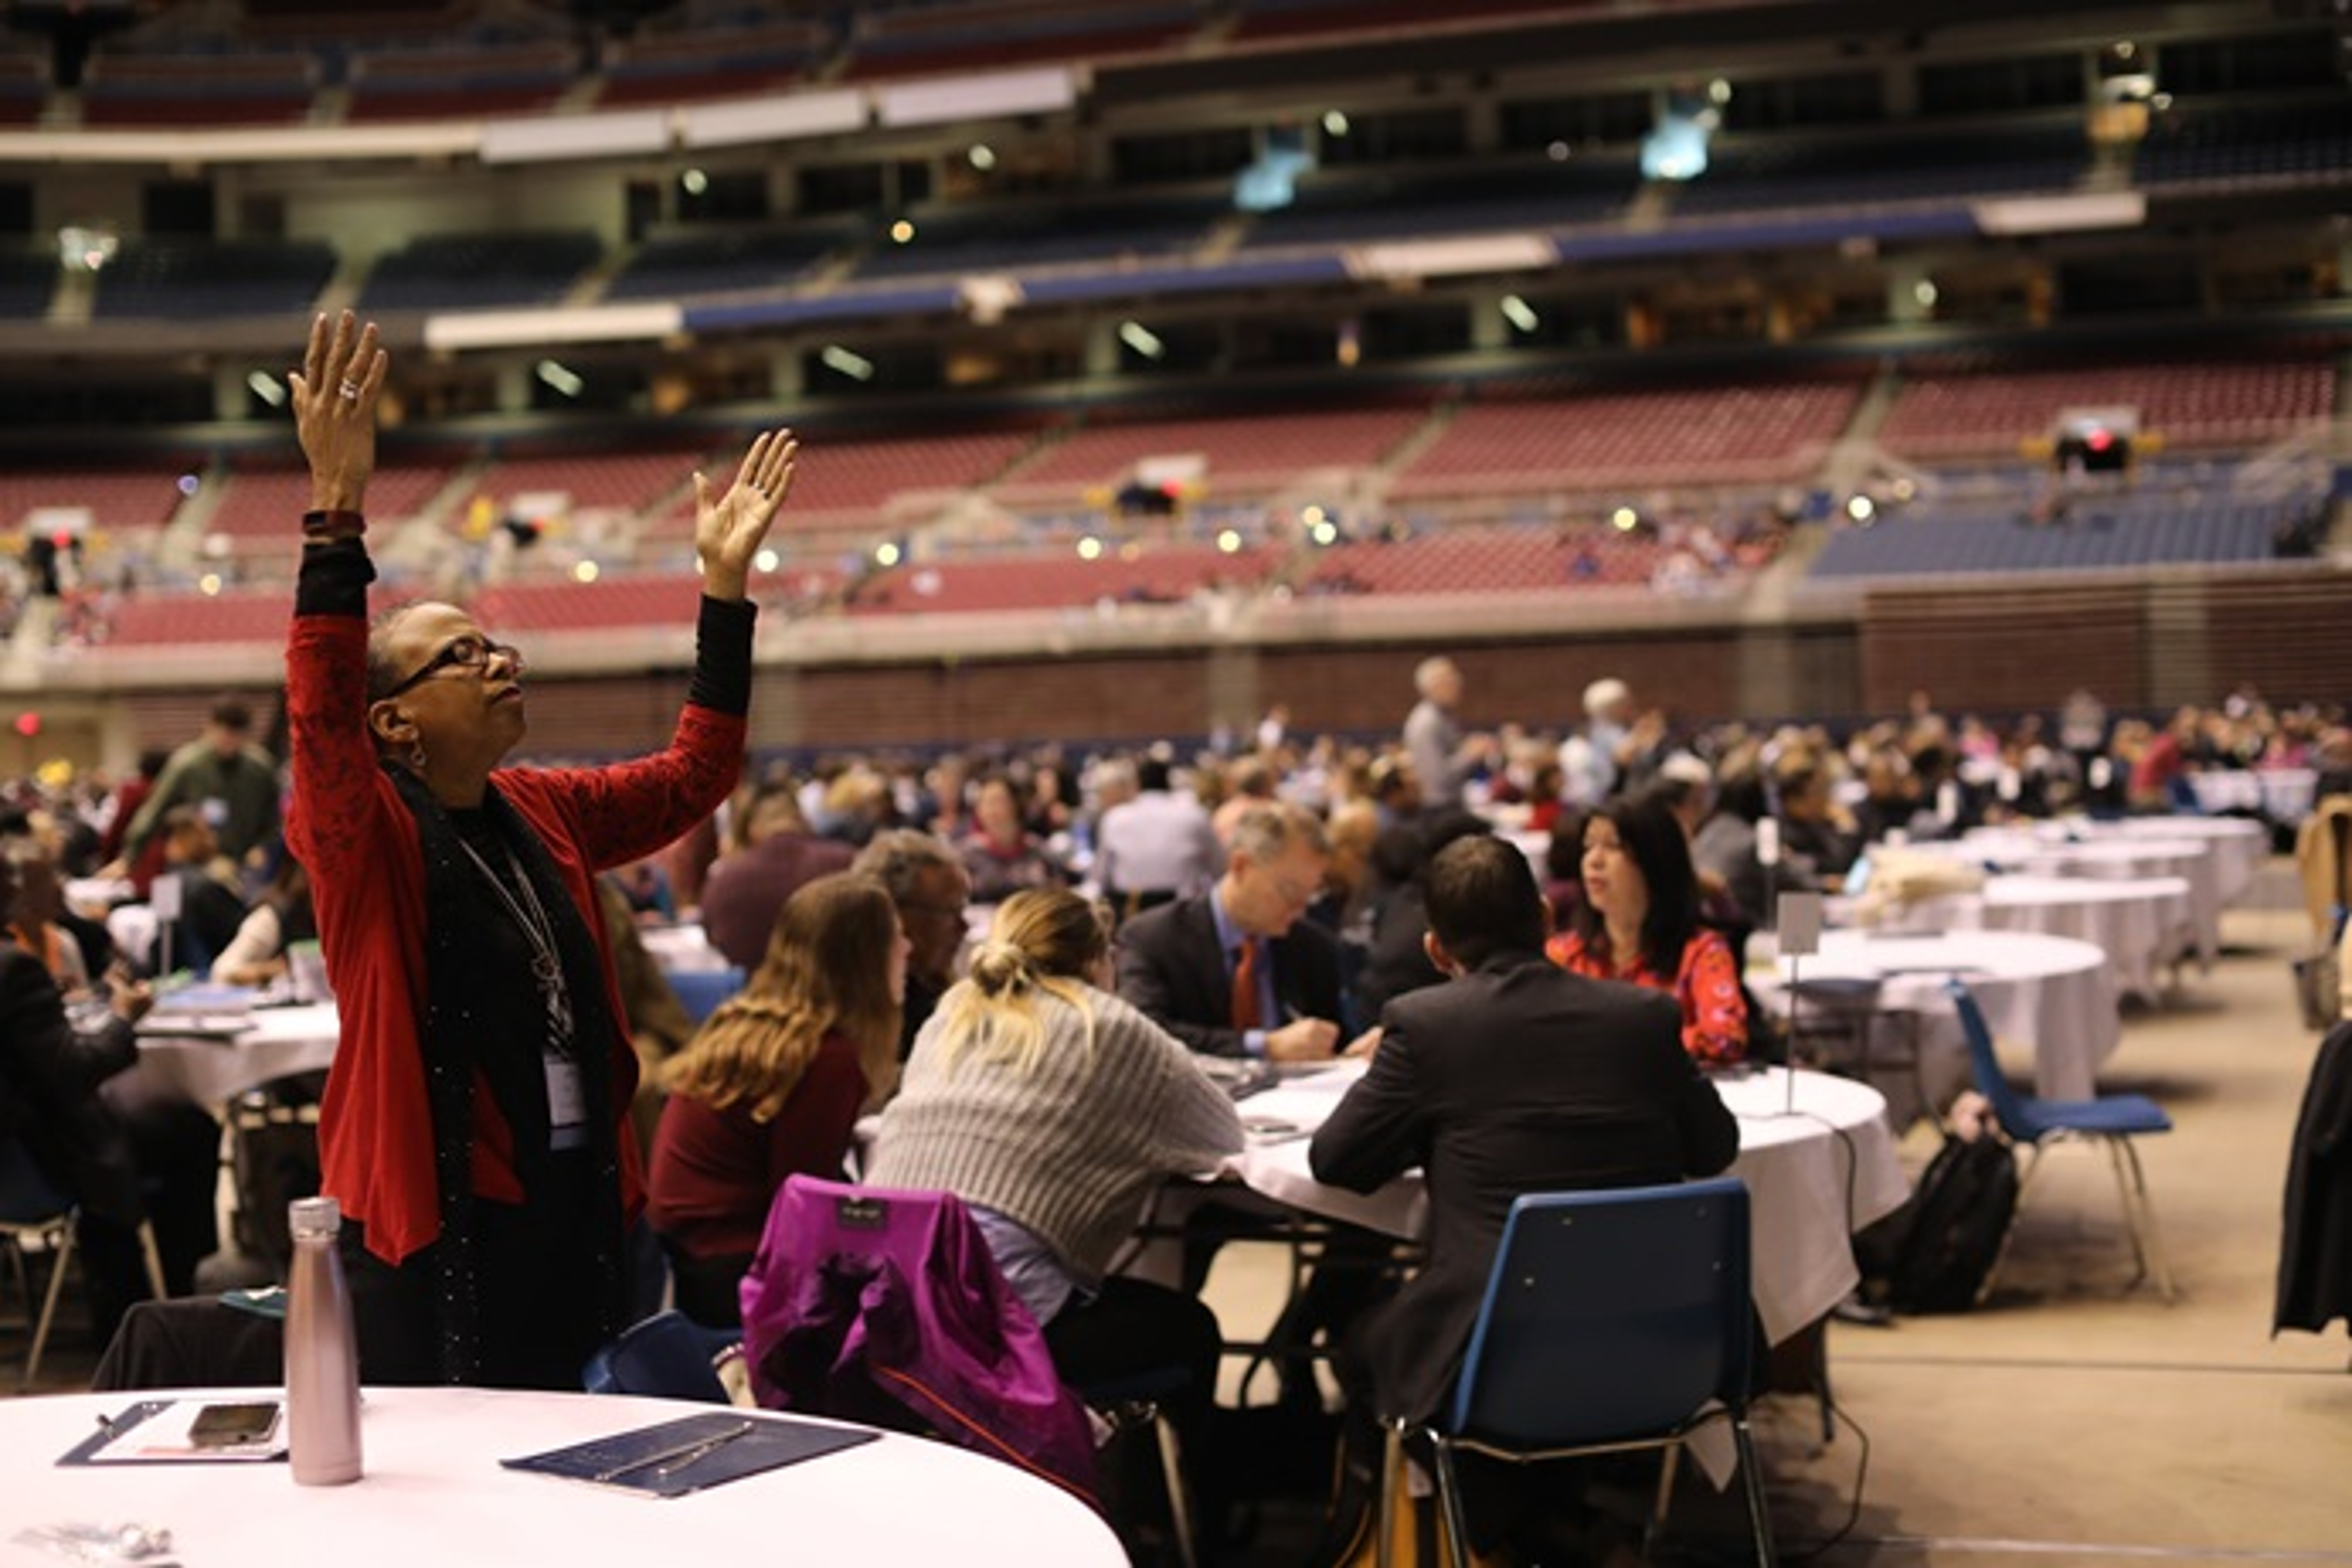 Cheryl Jefferson Bell (de pie), delegada de la Conferencia Anual Great Plains, levanta las manos durante la mañana de oración del 23 de febrero en la primera sesión de la Conferencia General Especial 2019 celebrada en la ciudad de San Luis. Foto por Kathleen Barry, SMUN.